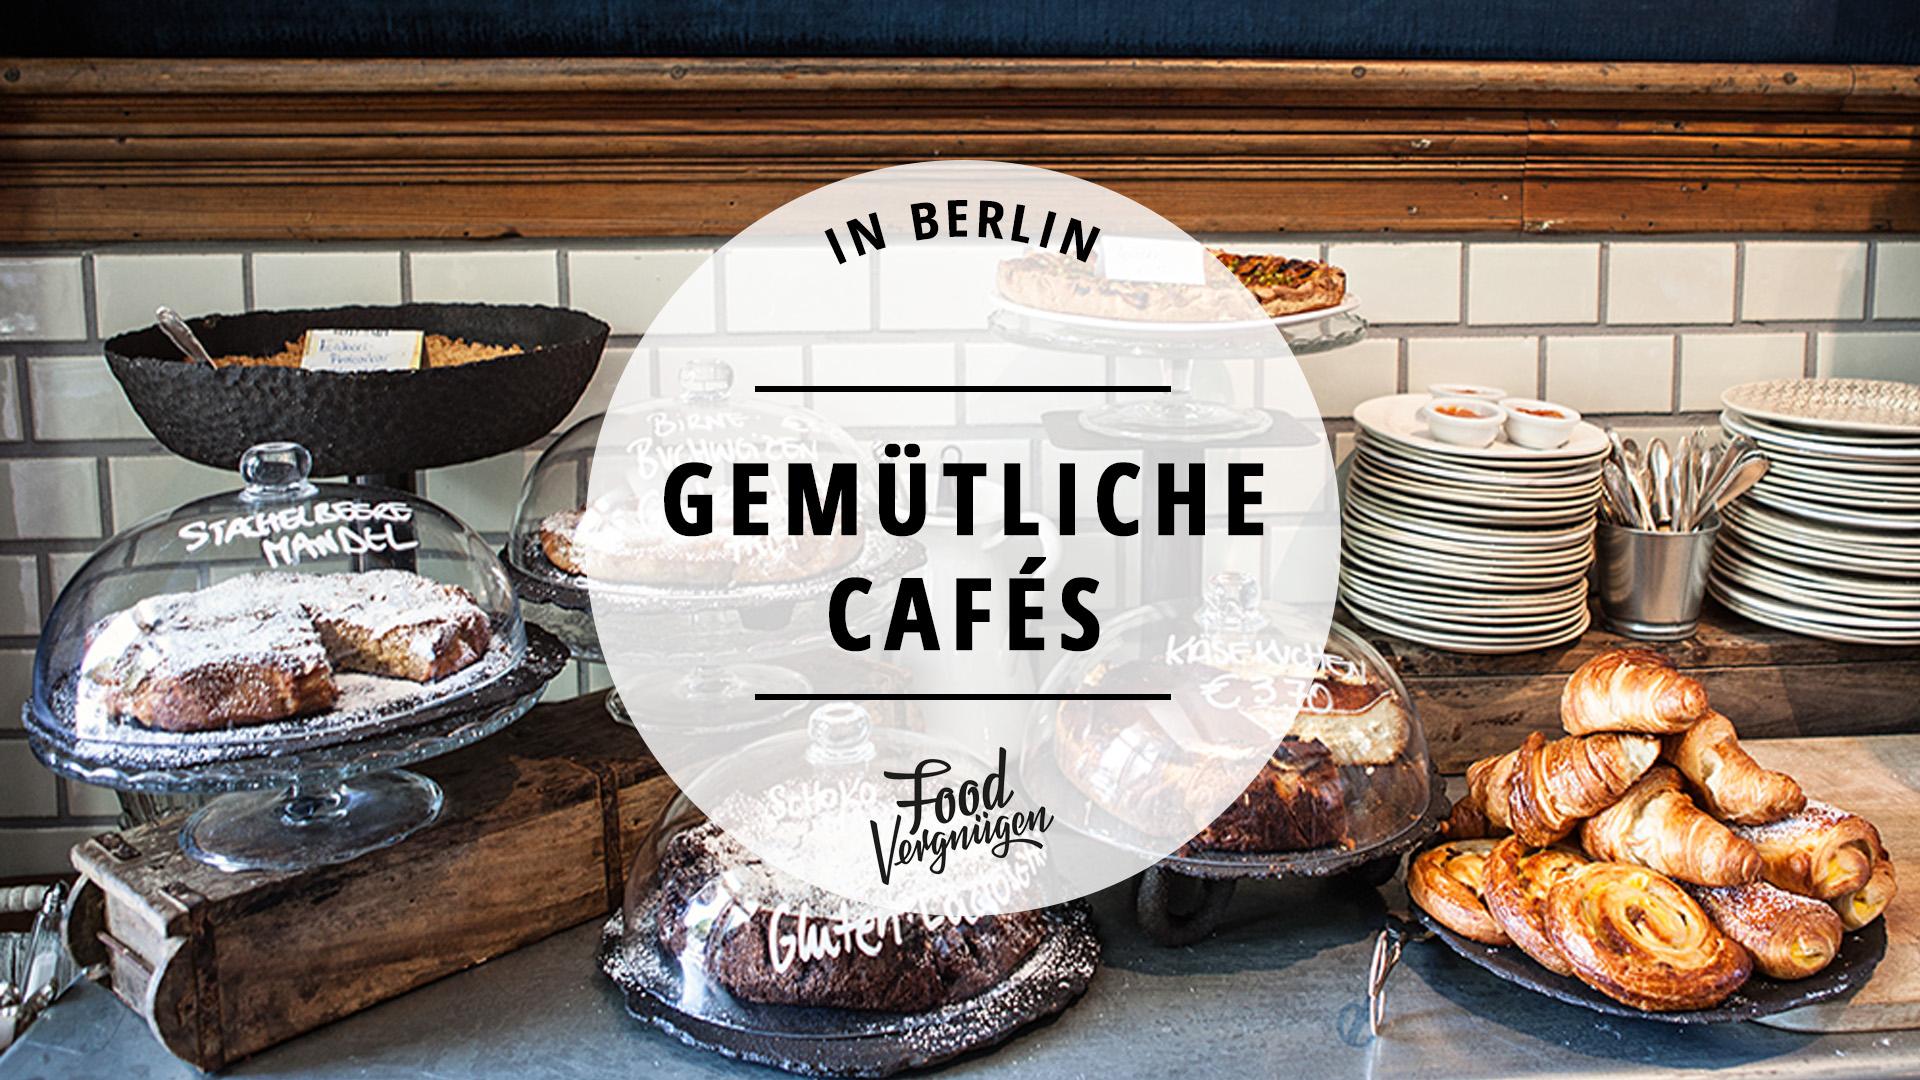 11 Gemutliche Cafes In Denen Ihr Den Nachmittag Verbringen Konnt